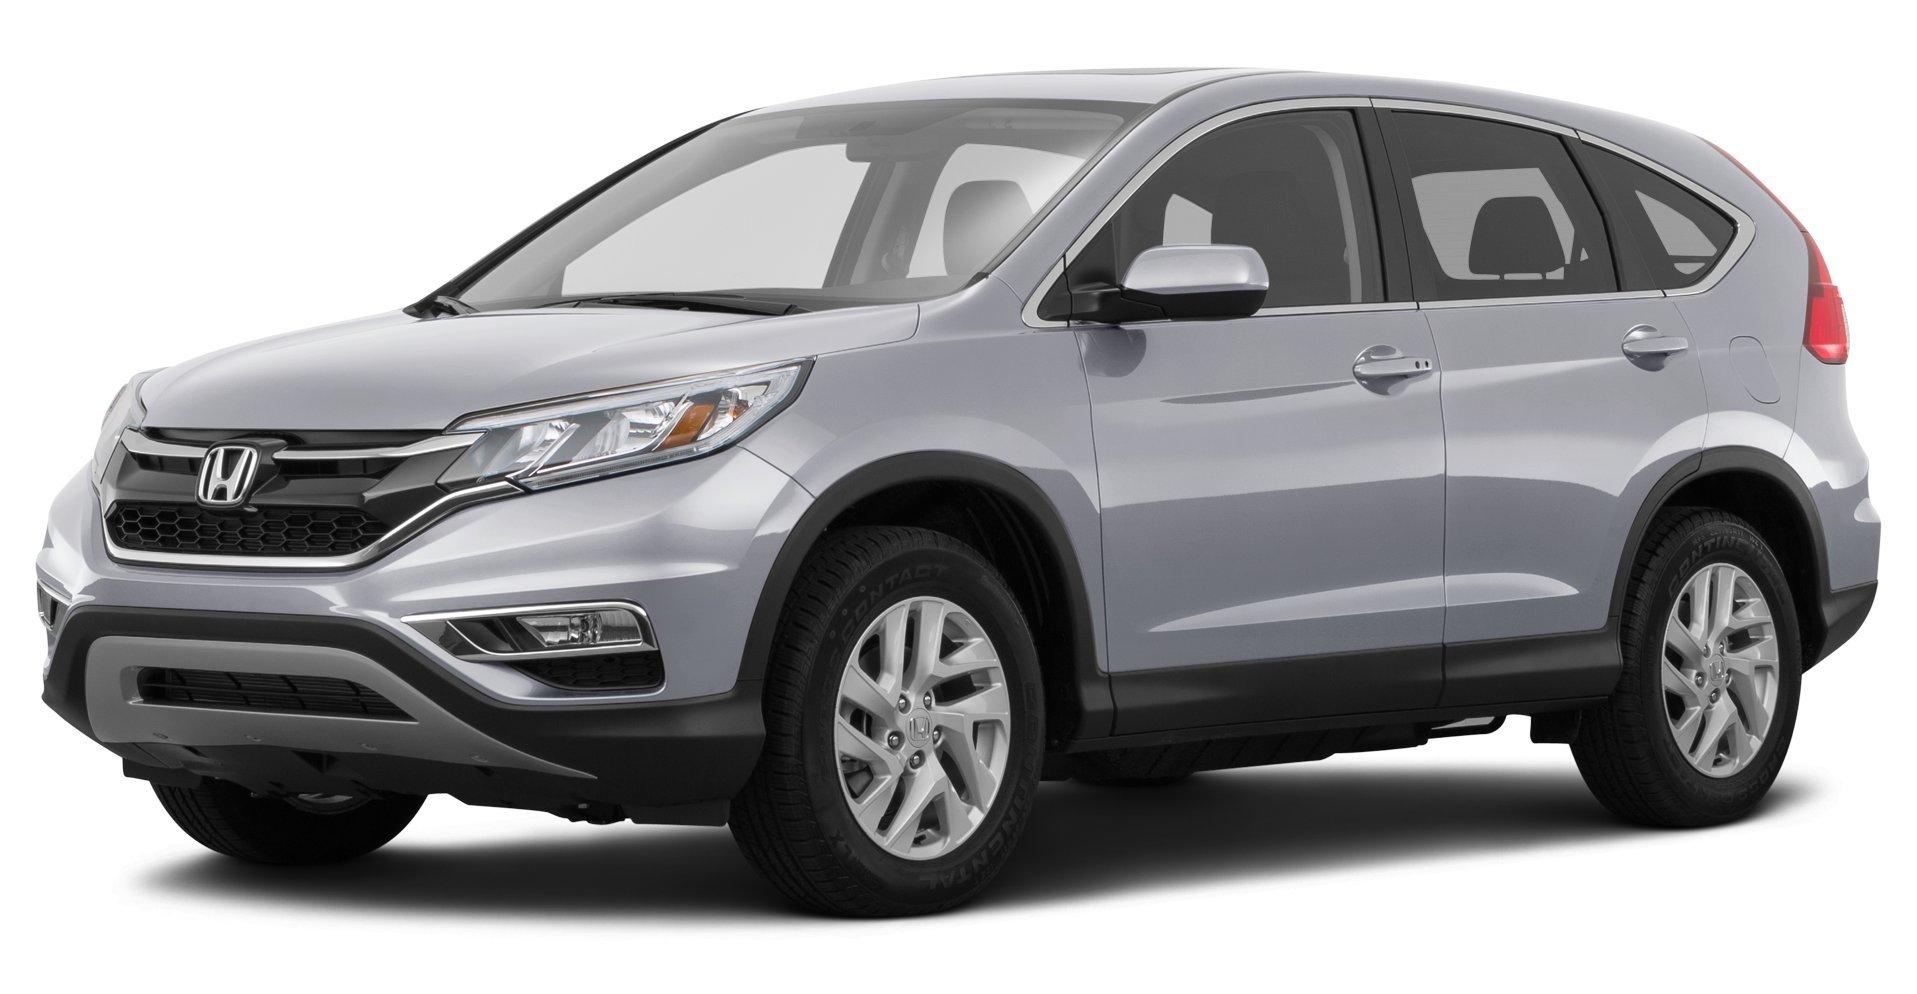 Amazon 2015 honda cr v reviews images and specs vehicles 2015 honda cr v ex 2 wheel drive 5 door rubansaba